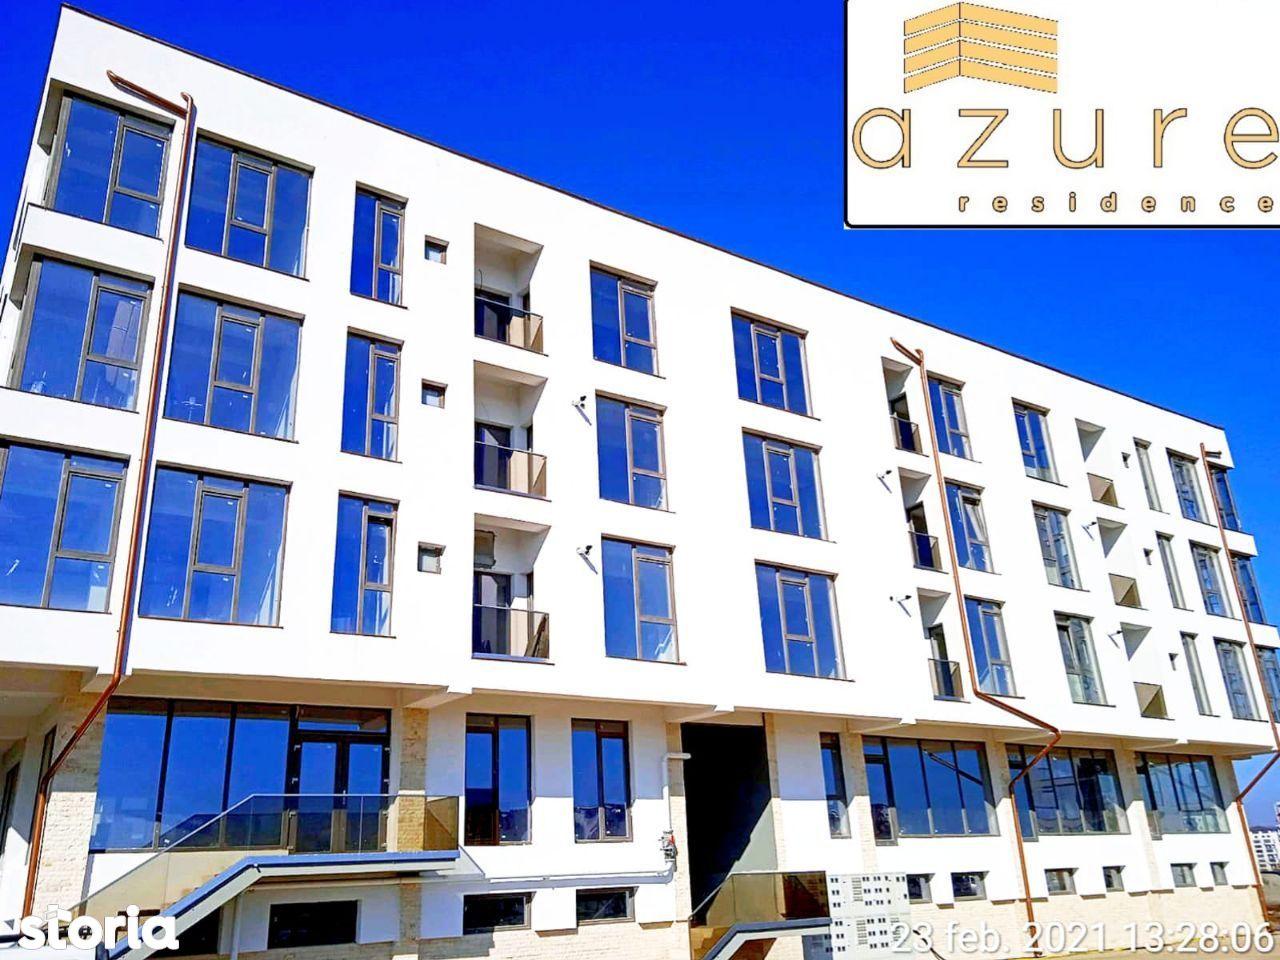 Azure Residence Doamna Stanca Apartament 3 camere 2 bai zona Dedeman